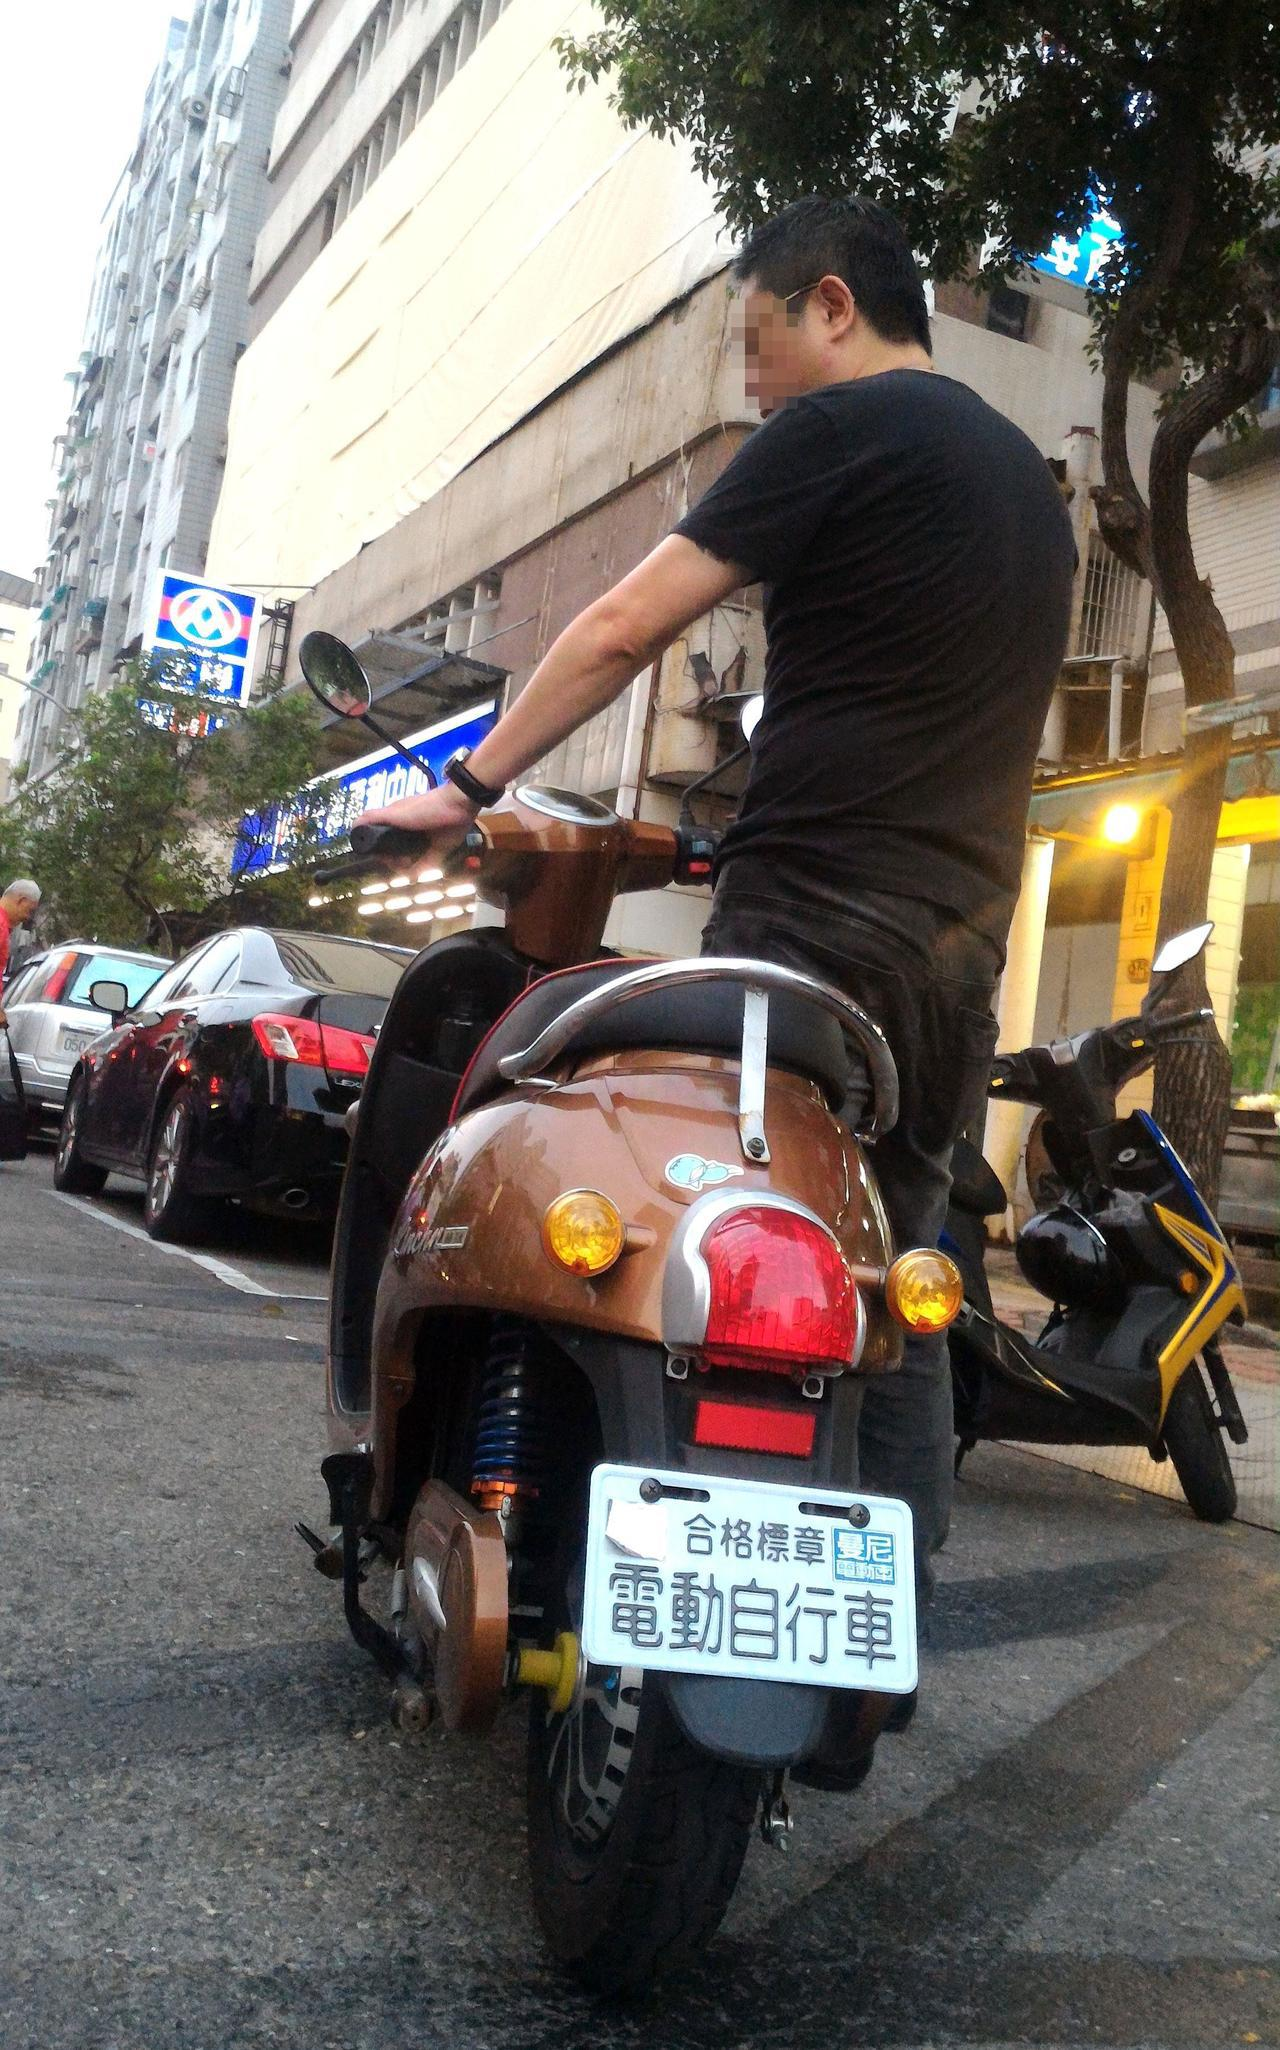 李姓男子騎電動自行車涉酒駕,認為警方未告知法律權益,令他配合執法反而要換來徒刑和...